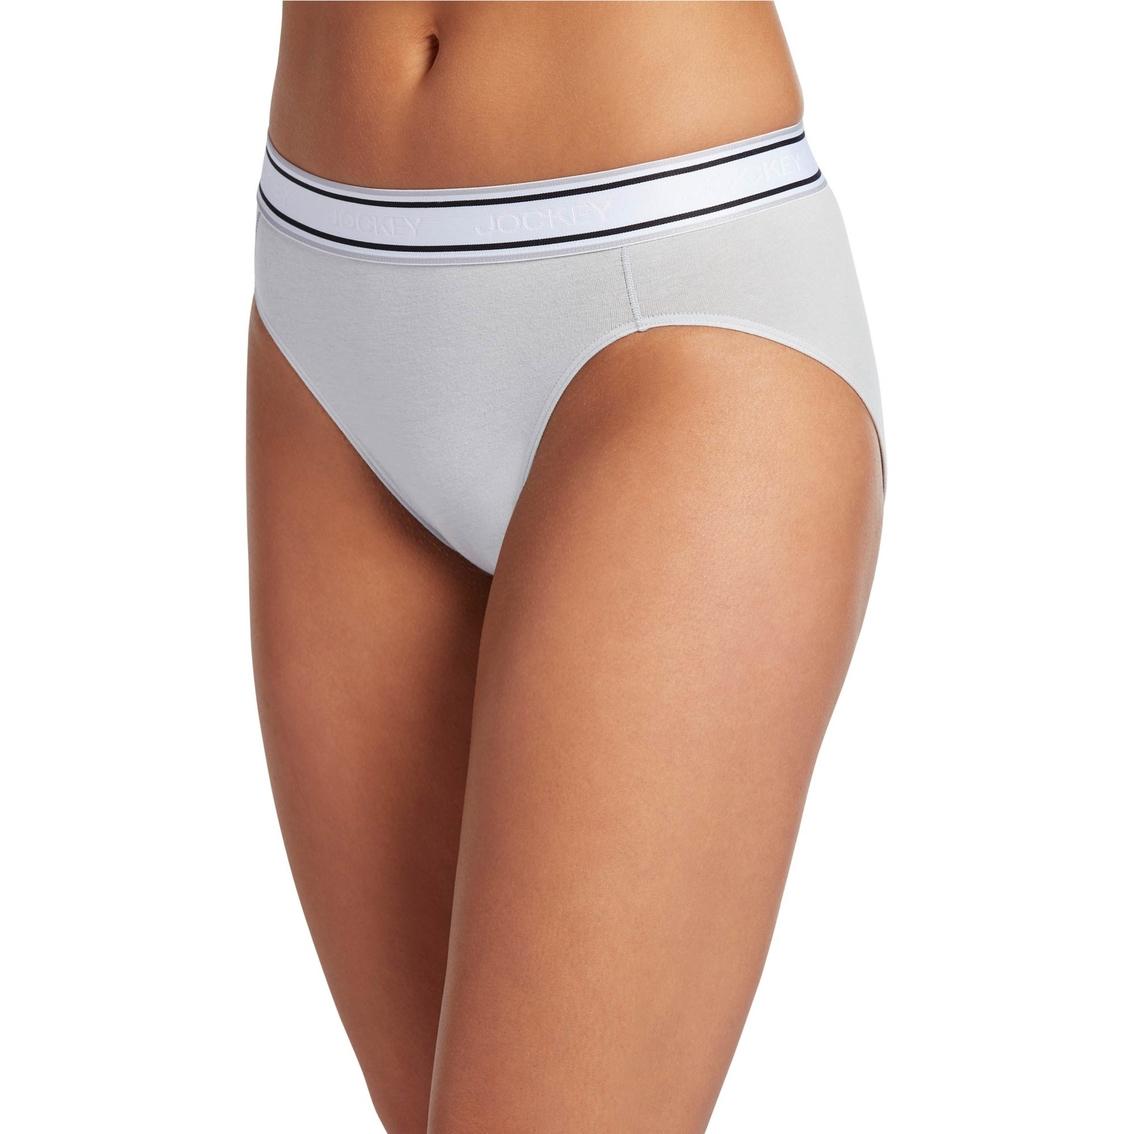 a72d7165a80d Jockey Women's Retro Stripe Hi Cut Panties | Panties | Apparel ...